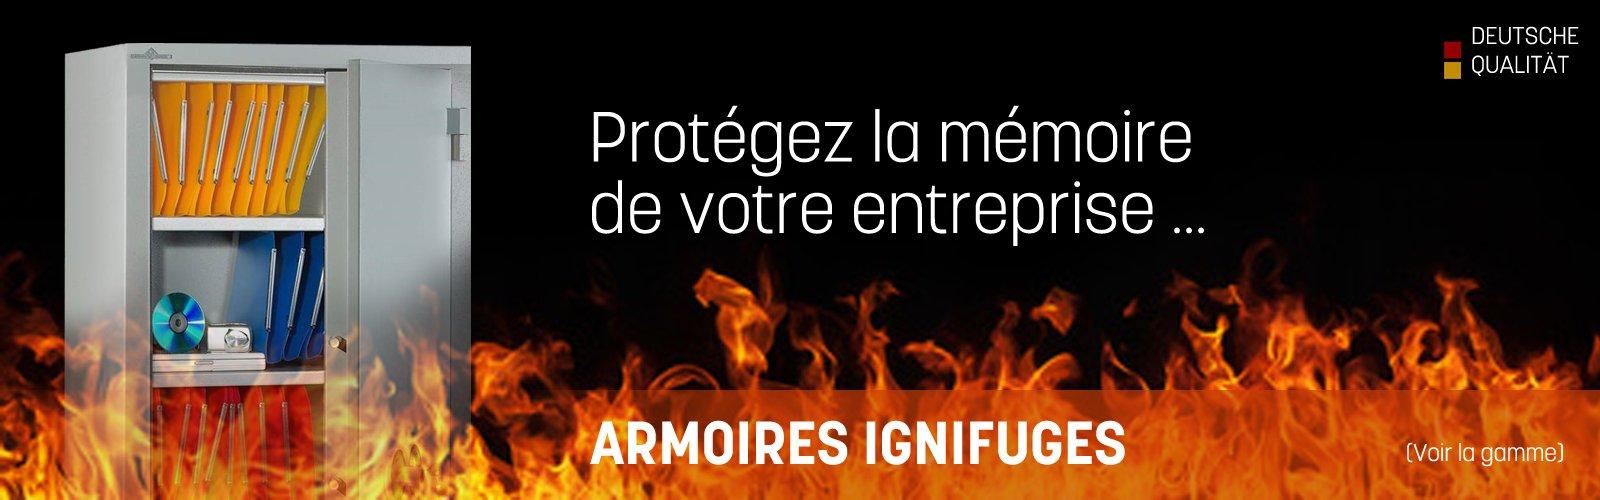 Armoire Ignifuge Hartmann Tresore